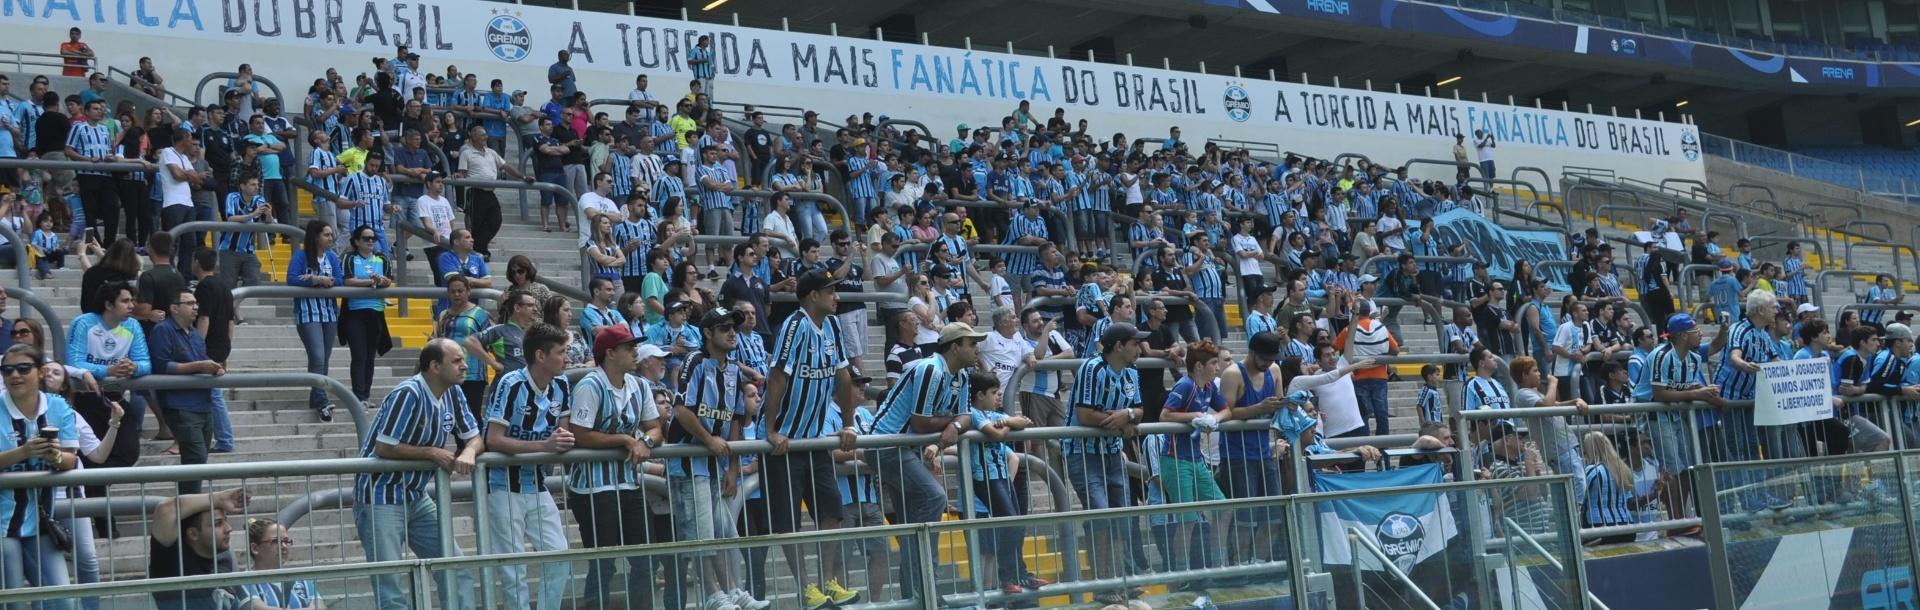 08 nov 2014 - Torcida do Grêmio na arquibancada acompanhando treinamento